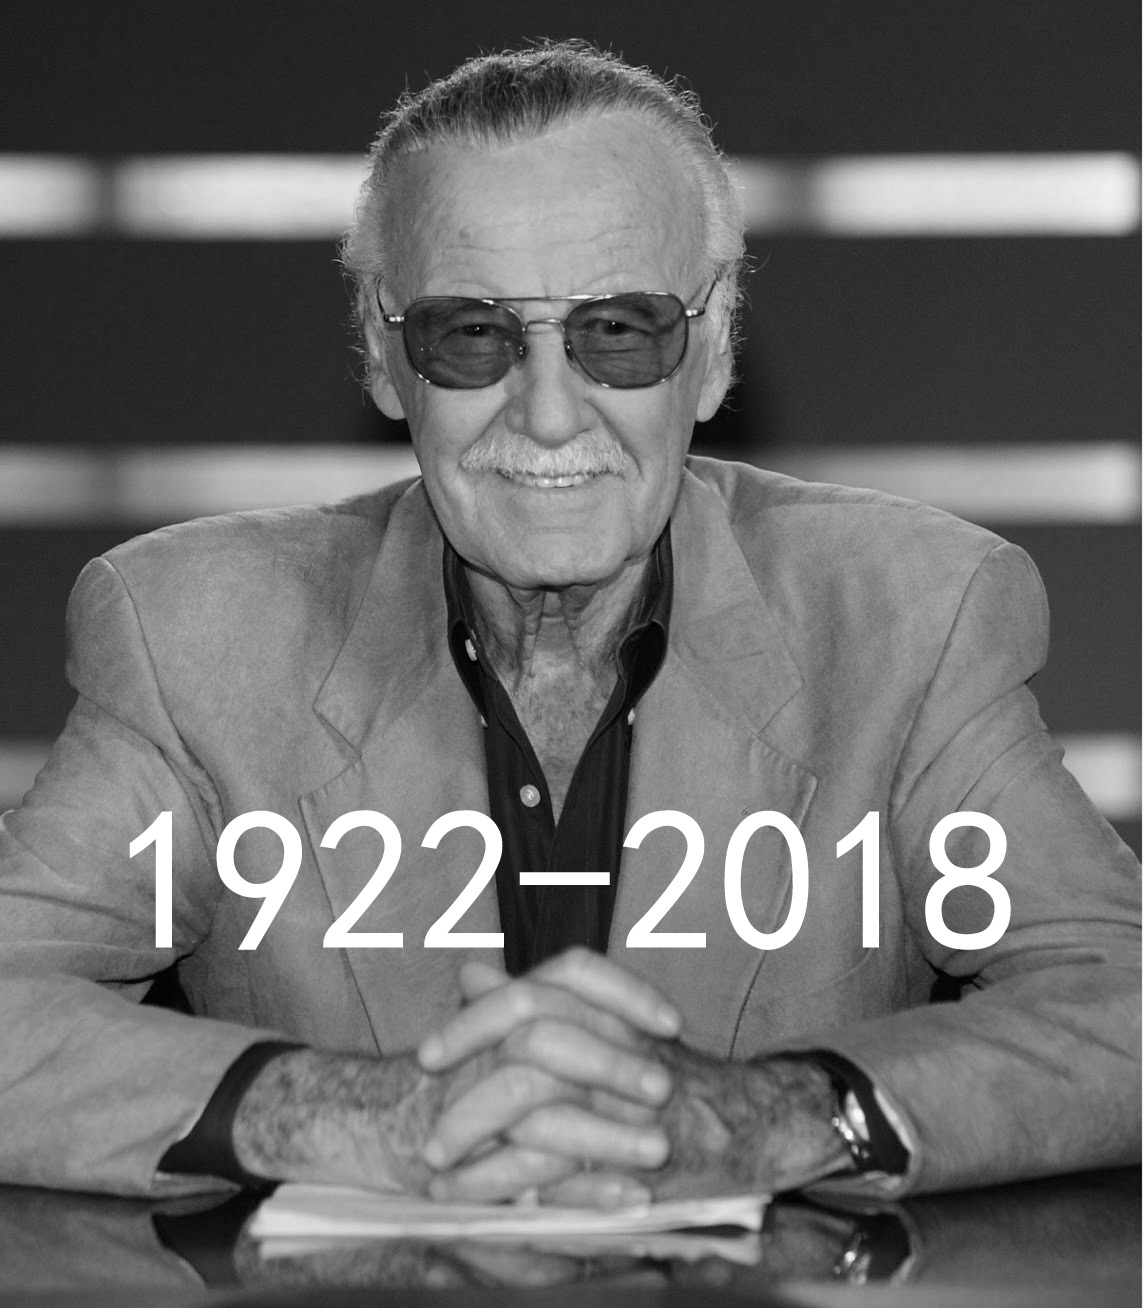 父�y�,y��y�-z)�bi_漫威之父斯坦李病逝,享年95岁,复联4或成老爷子银幕最后一作